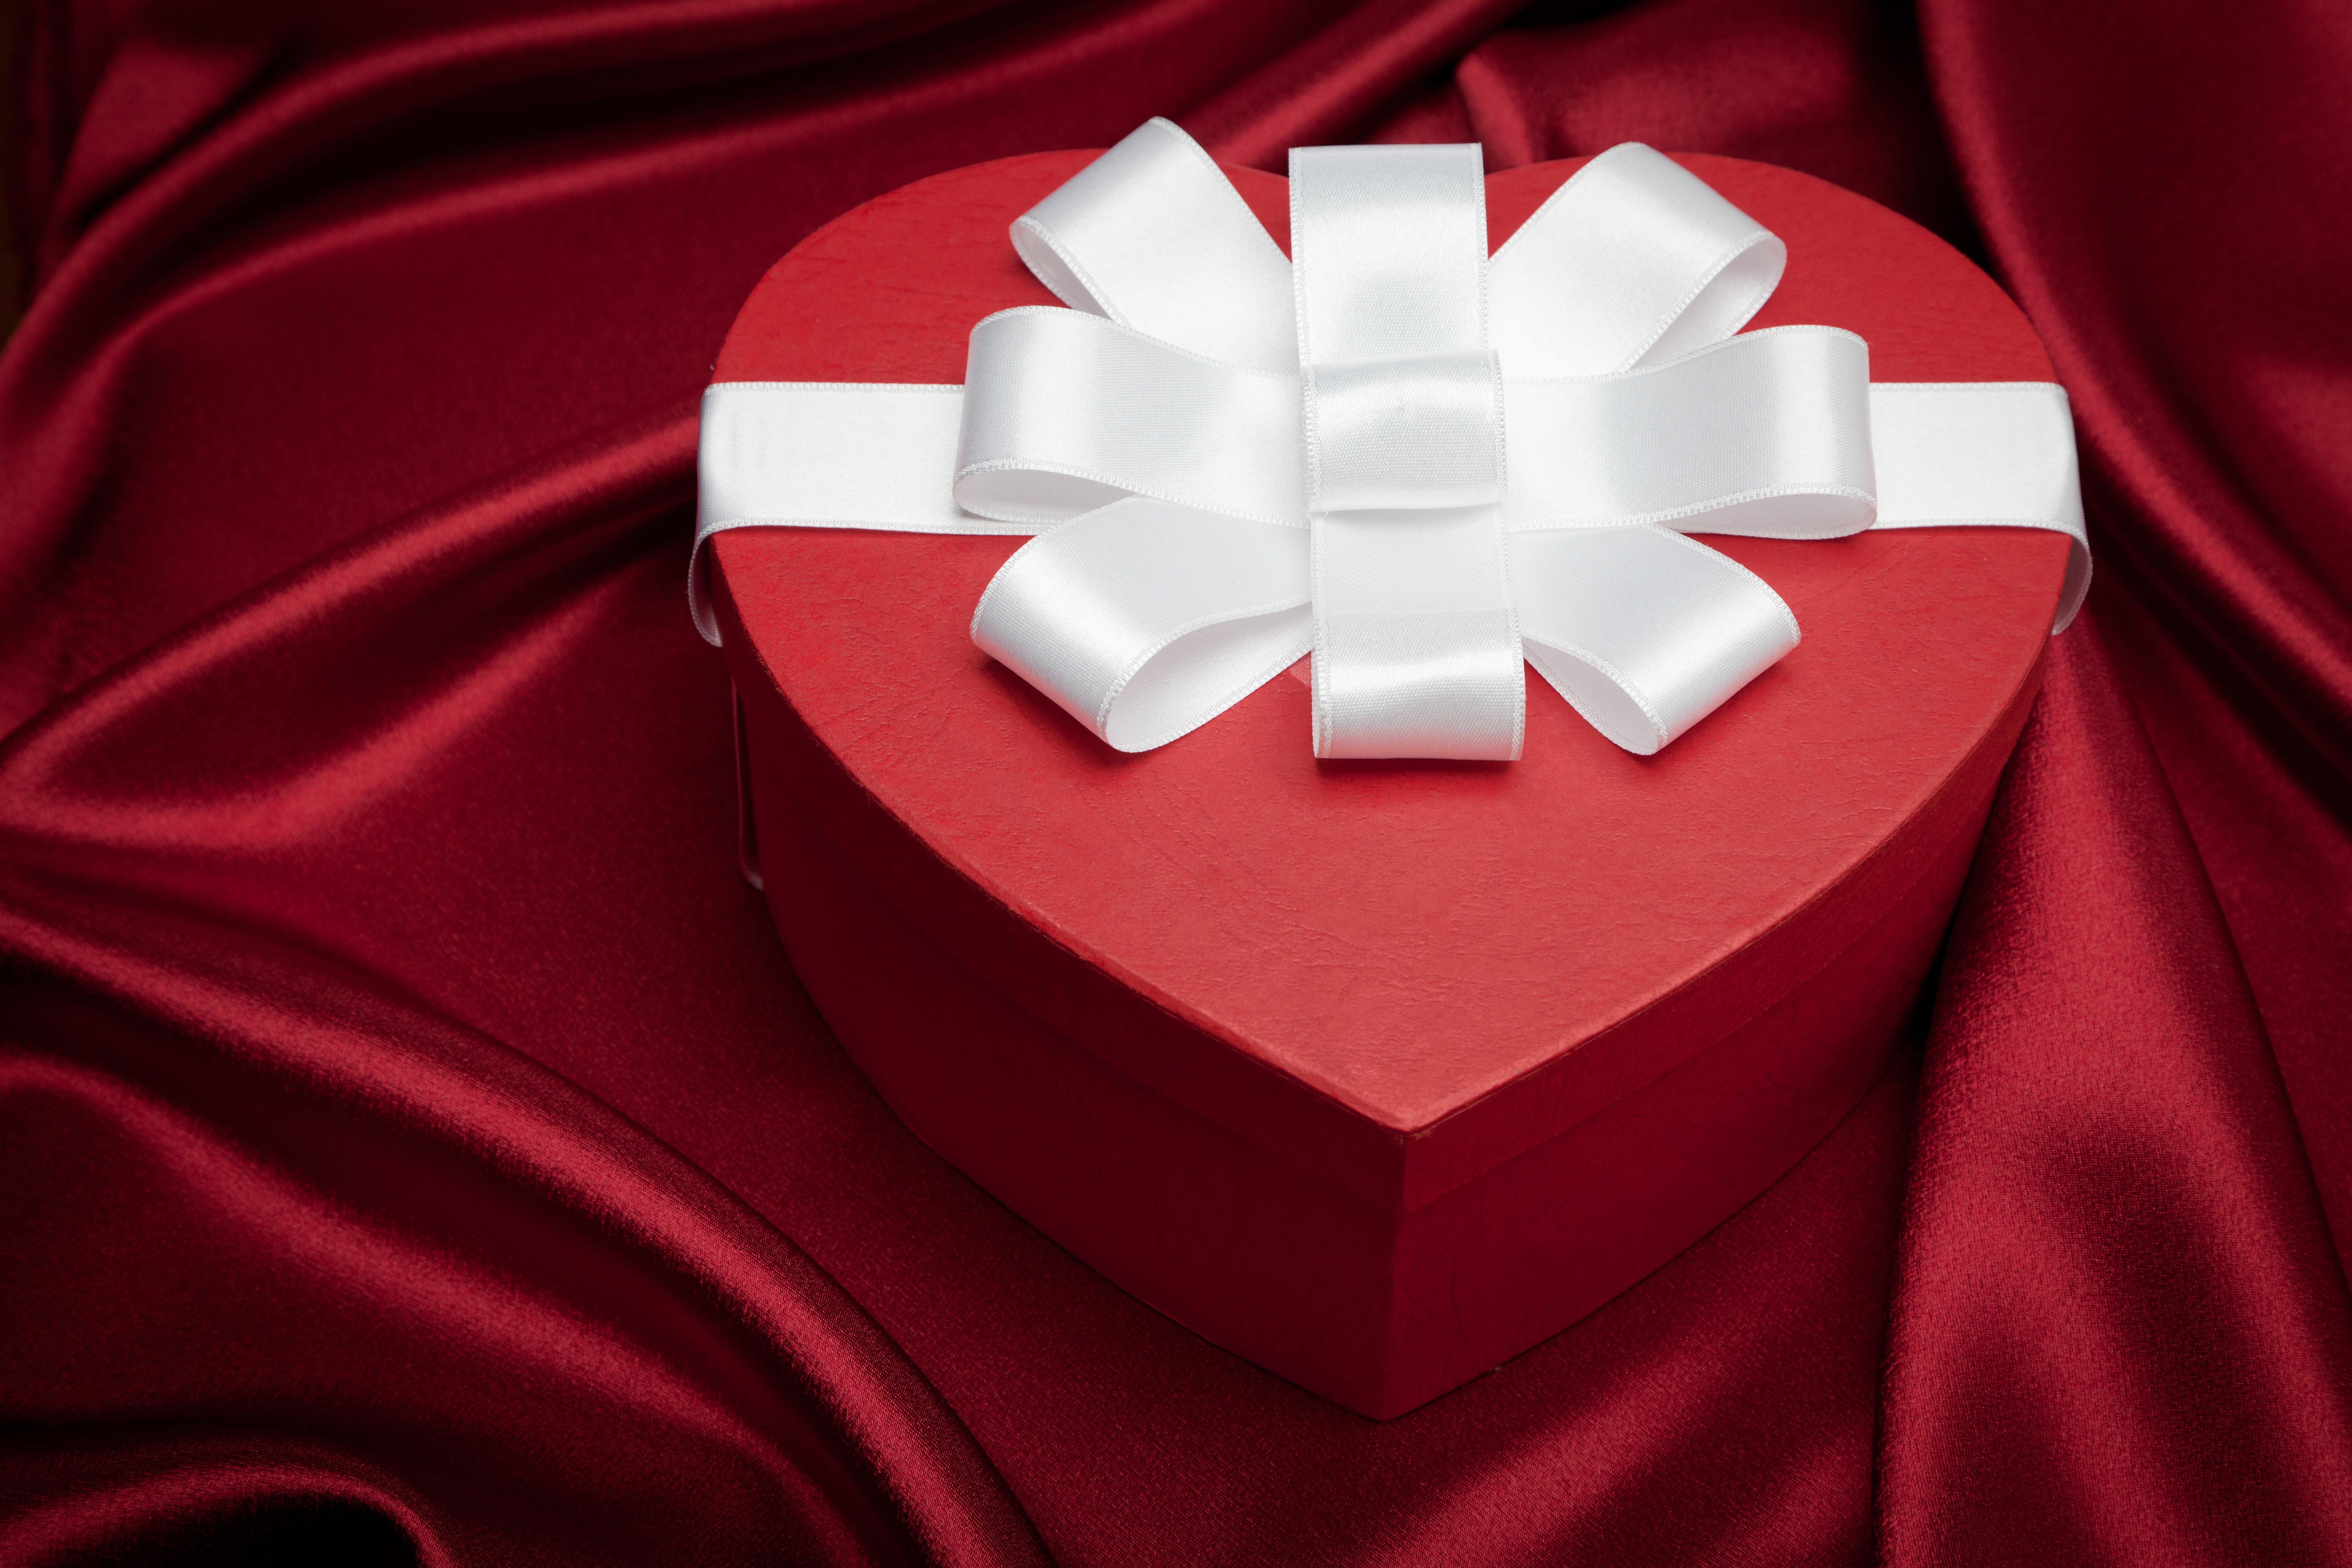 картинка сердце с бантиком печным